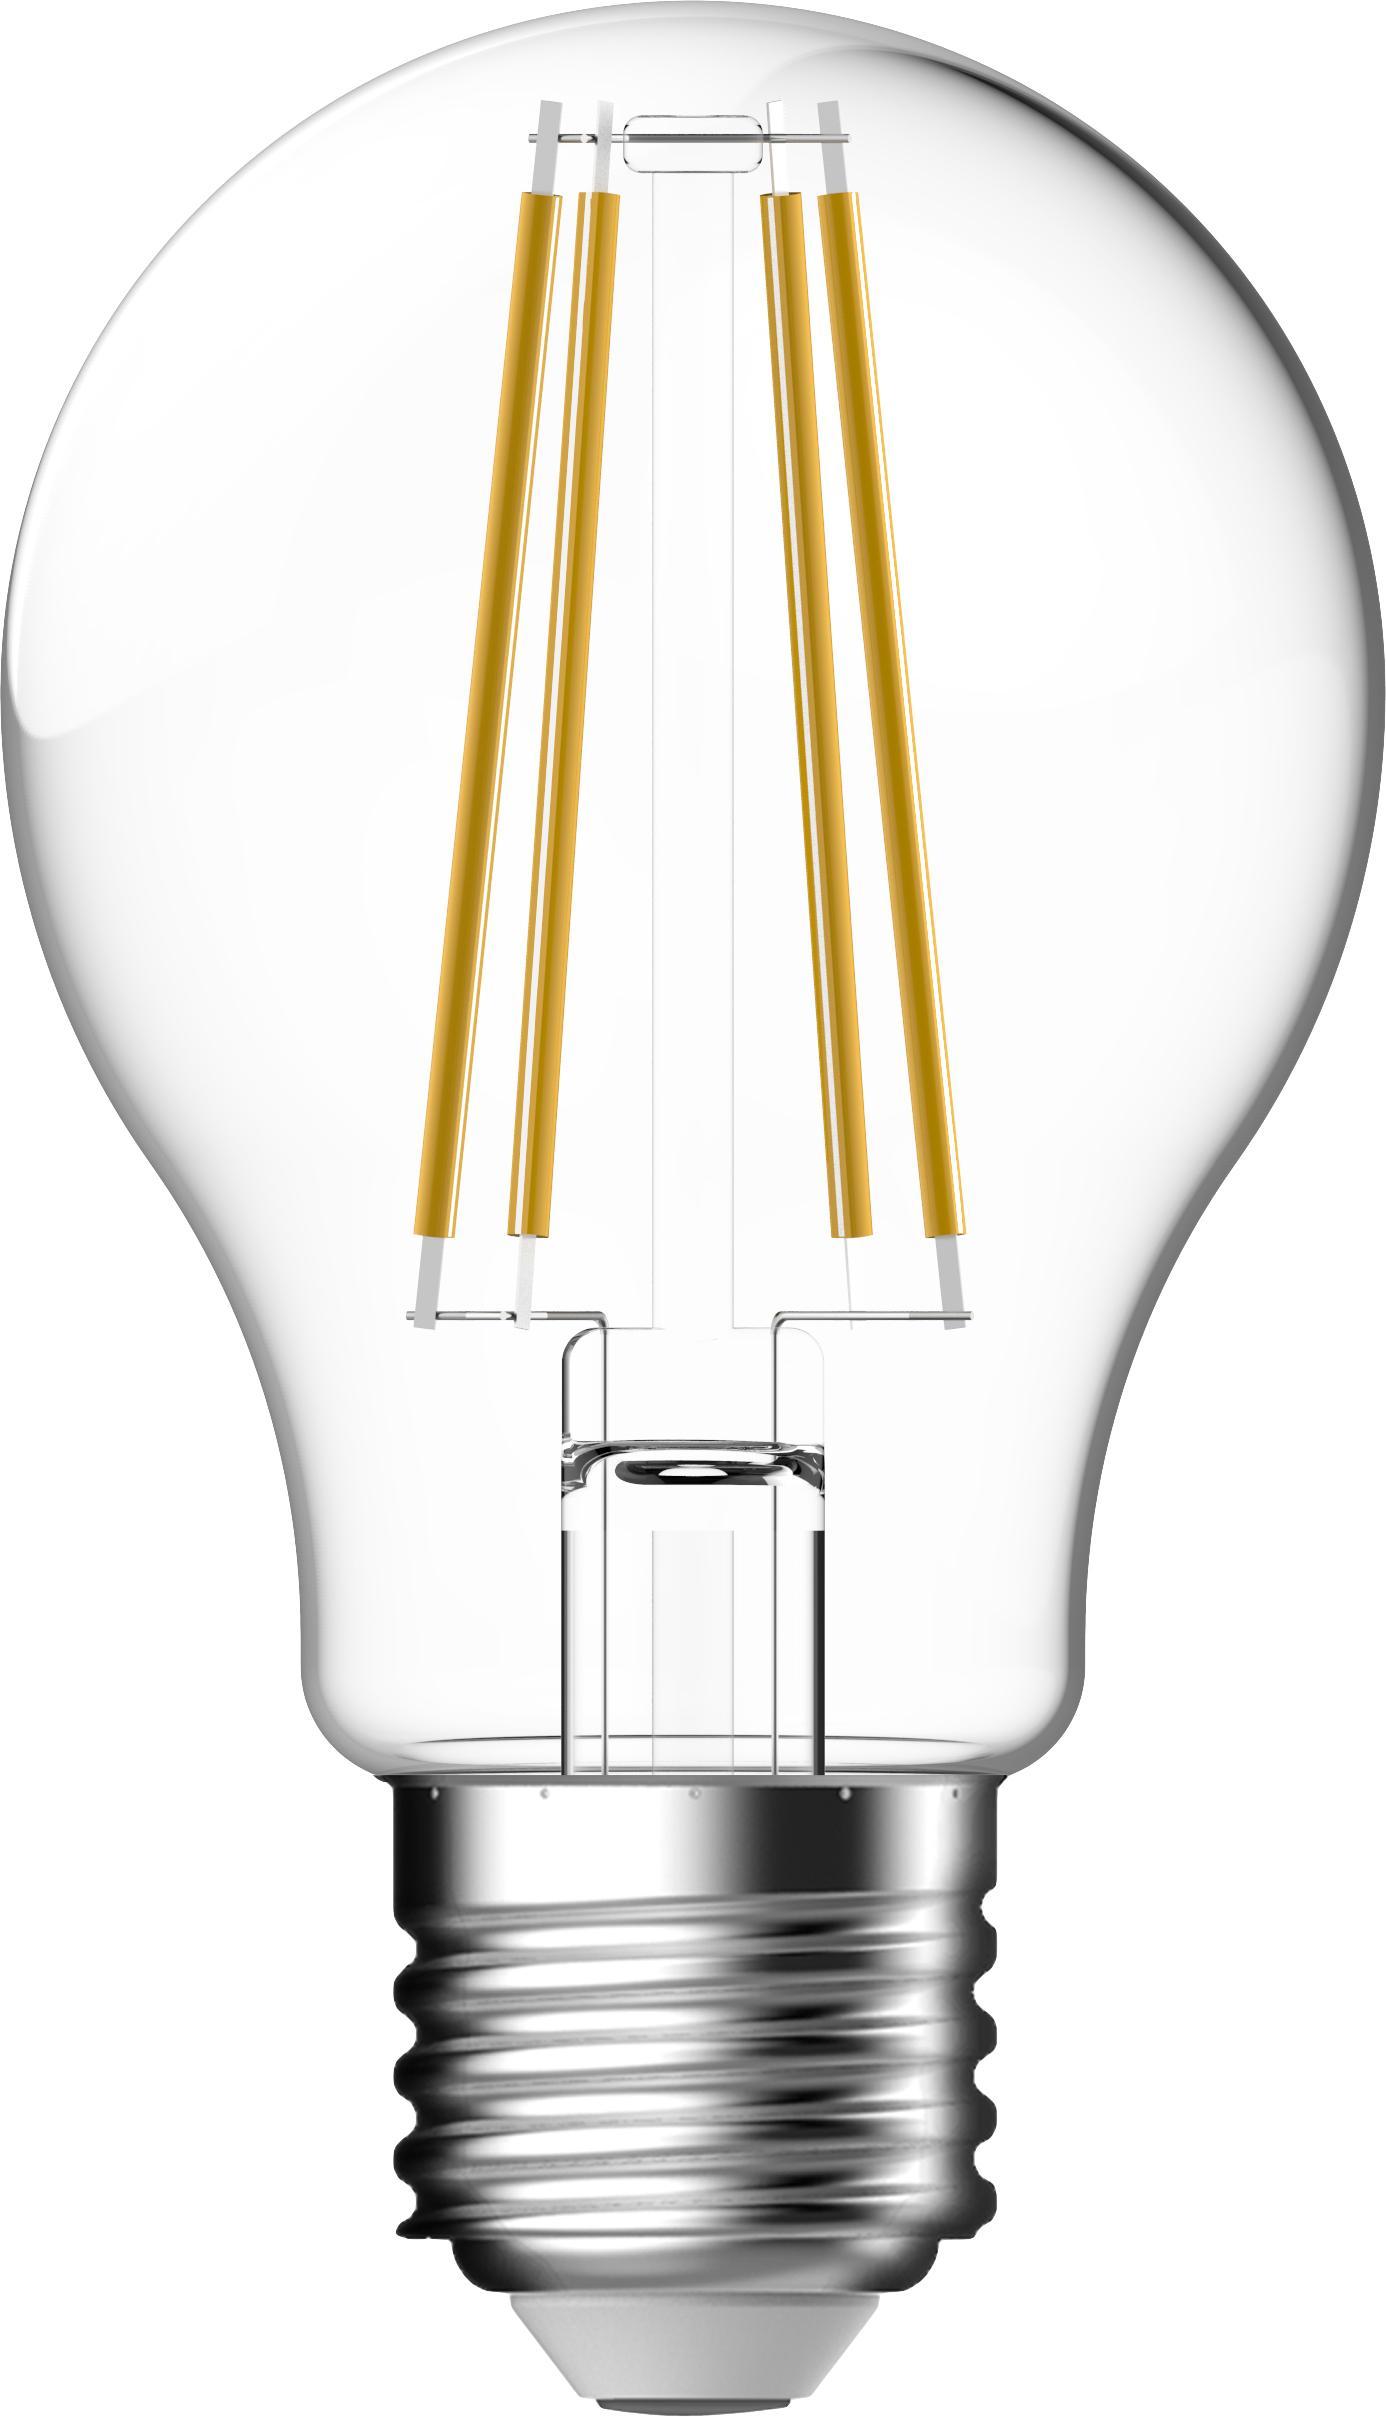 LED-Leuchtmittel Clear (E27/7W), 2 Stück, Leuchtmittelschirm: Glas, Leuchtmittelfassung: Aluminium, Transparent, Ø 6 x H 11 cm